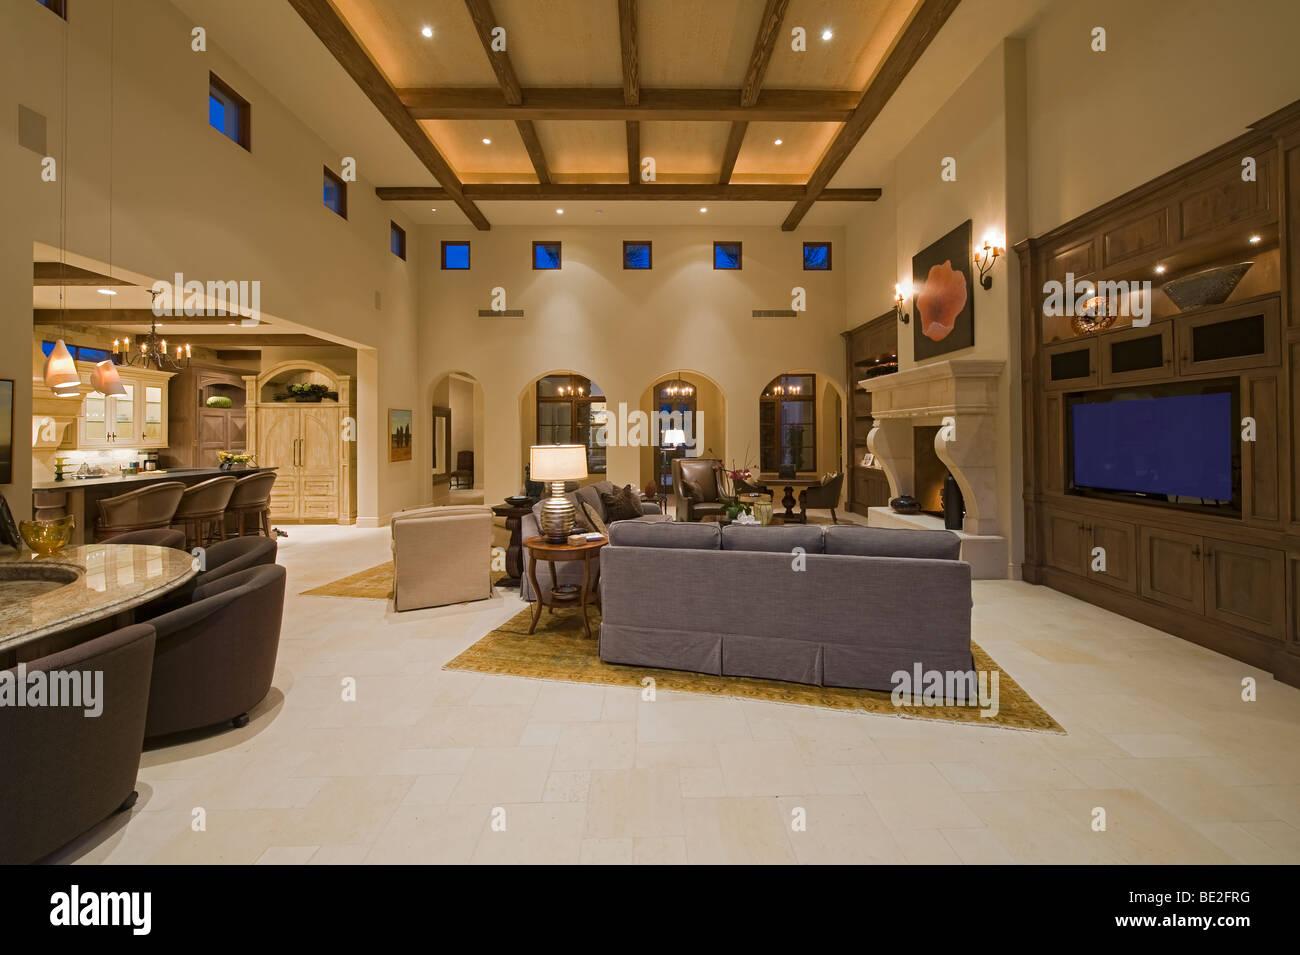 Soffitti Alti Illuminazione : Tipo mediterraneo camera familiare con alti soffitti con travi a